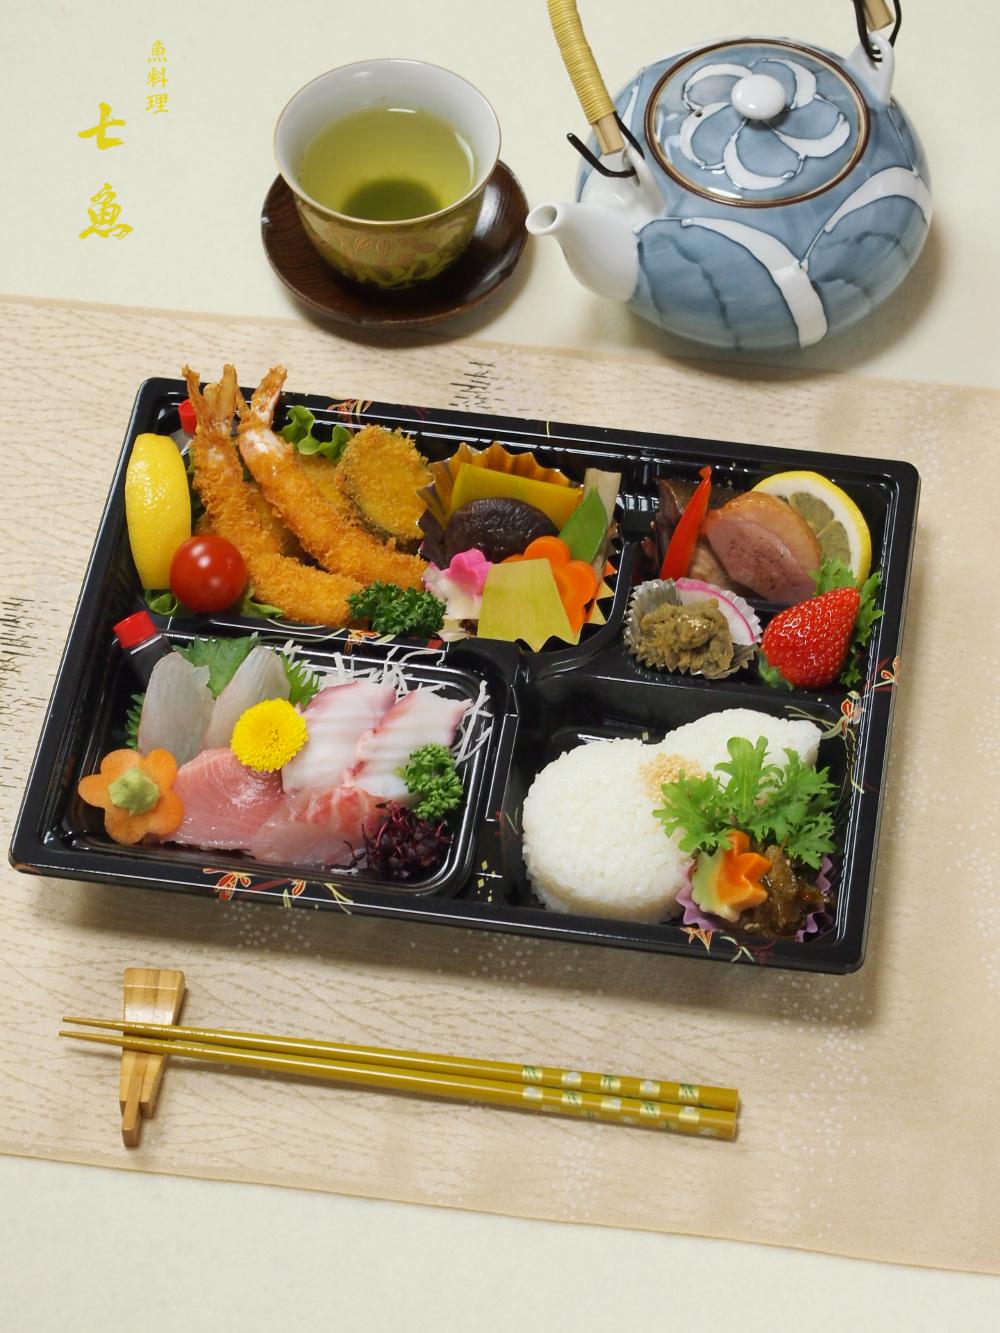 【大量注文可】富士見台に仕出し弁当の宅配